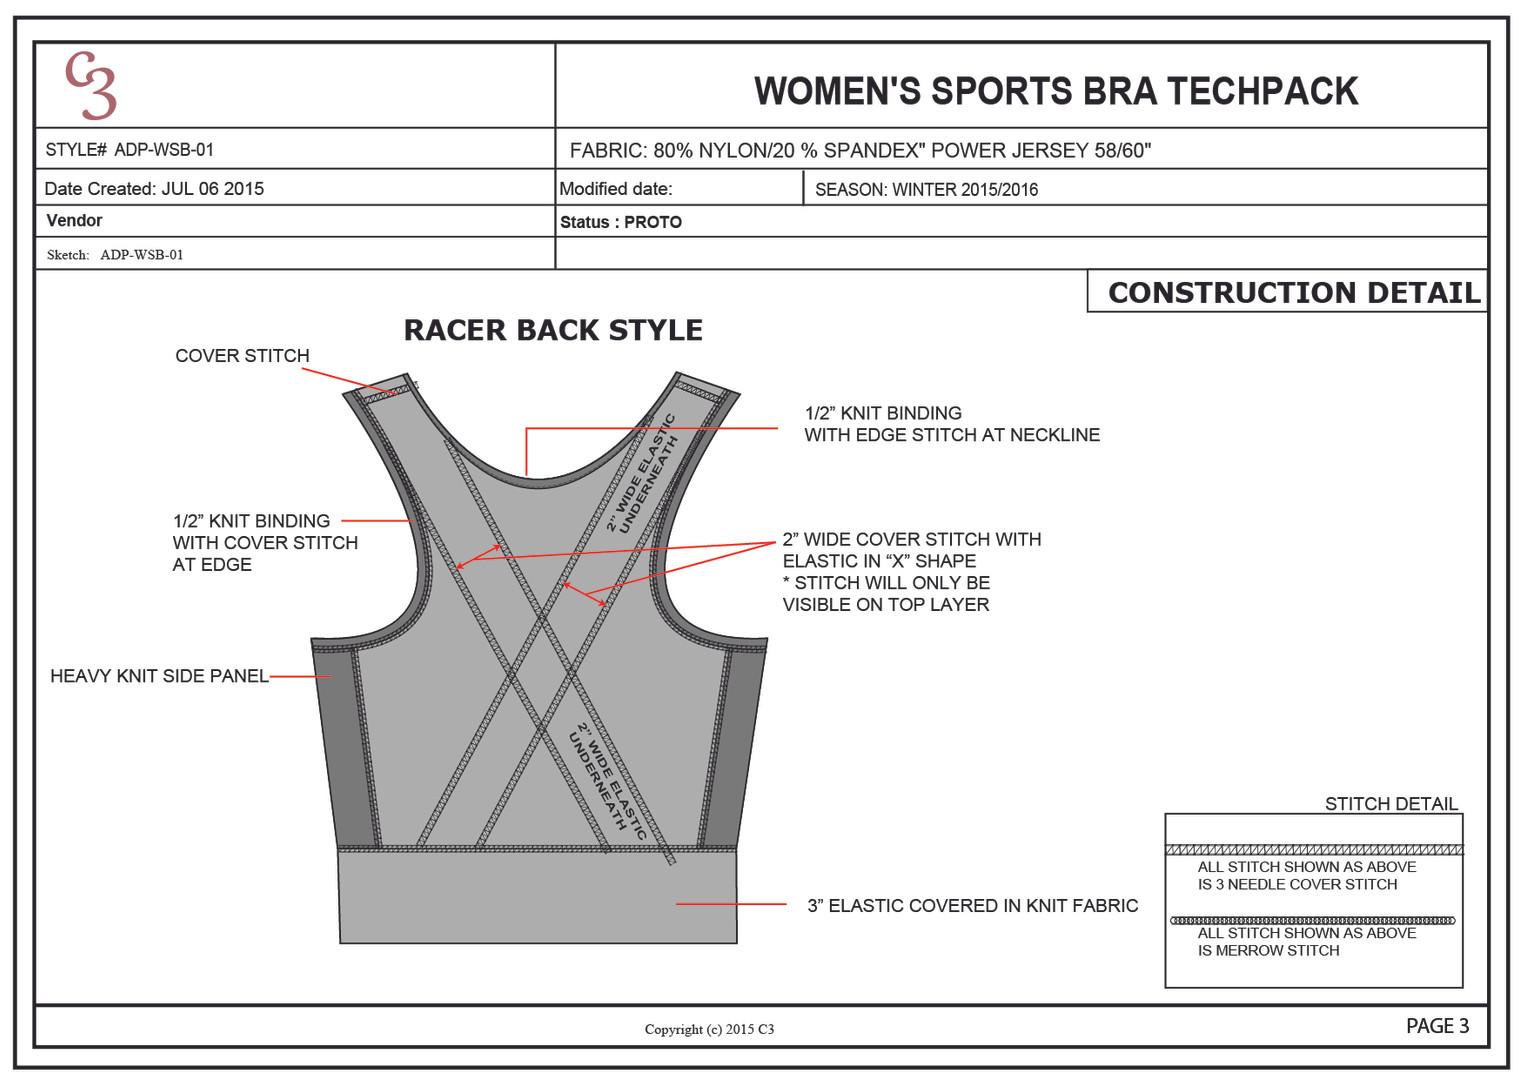 sports bra tech pack-03.jpg